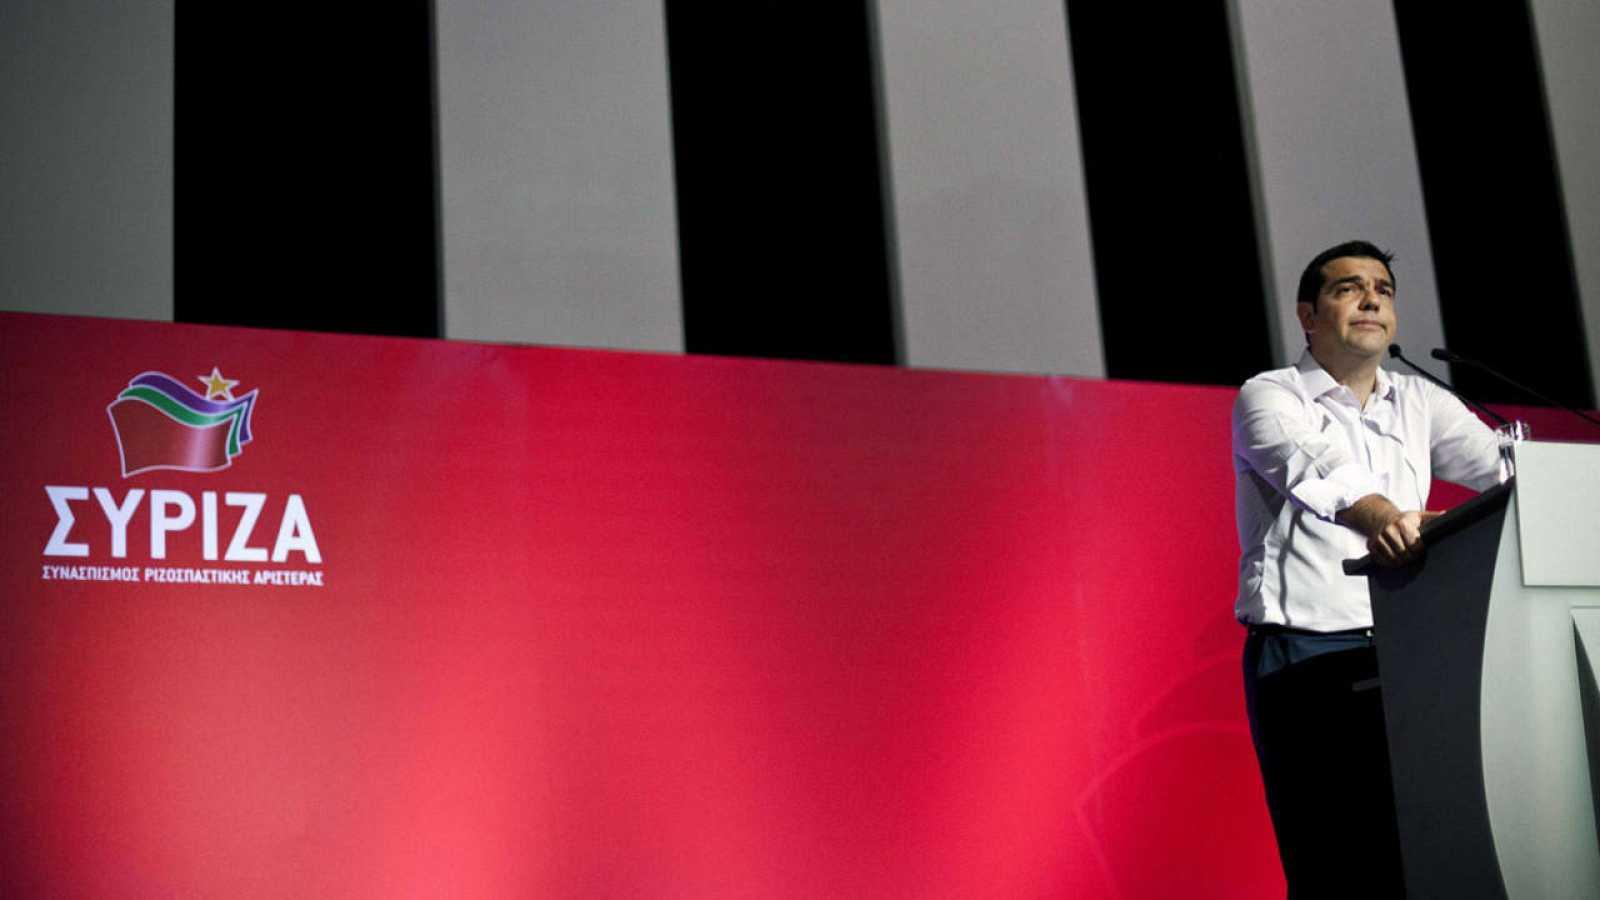 El primer ministro griego, Alexis Tsipras, durante su discurso ante el Comité Central de Syriza